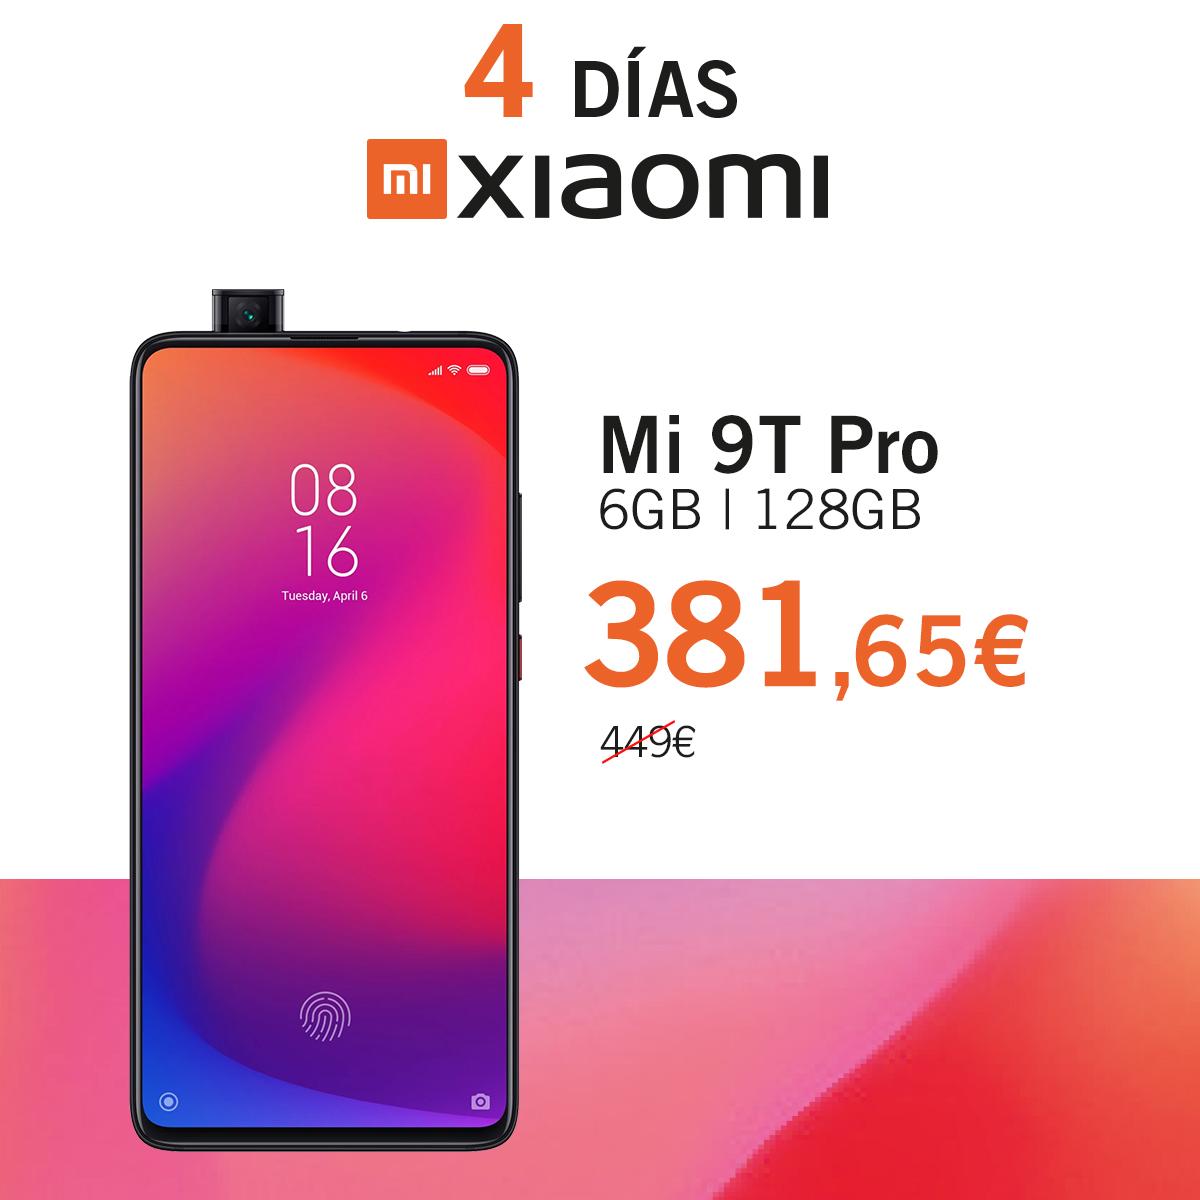 Mi 9t Pro Días Xiaomi